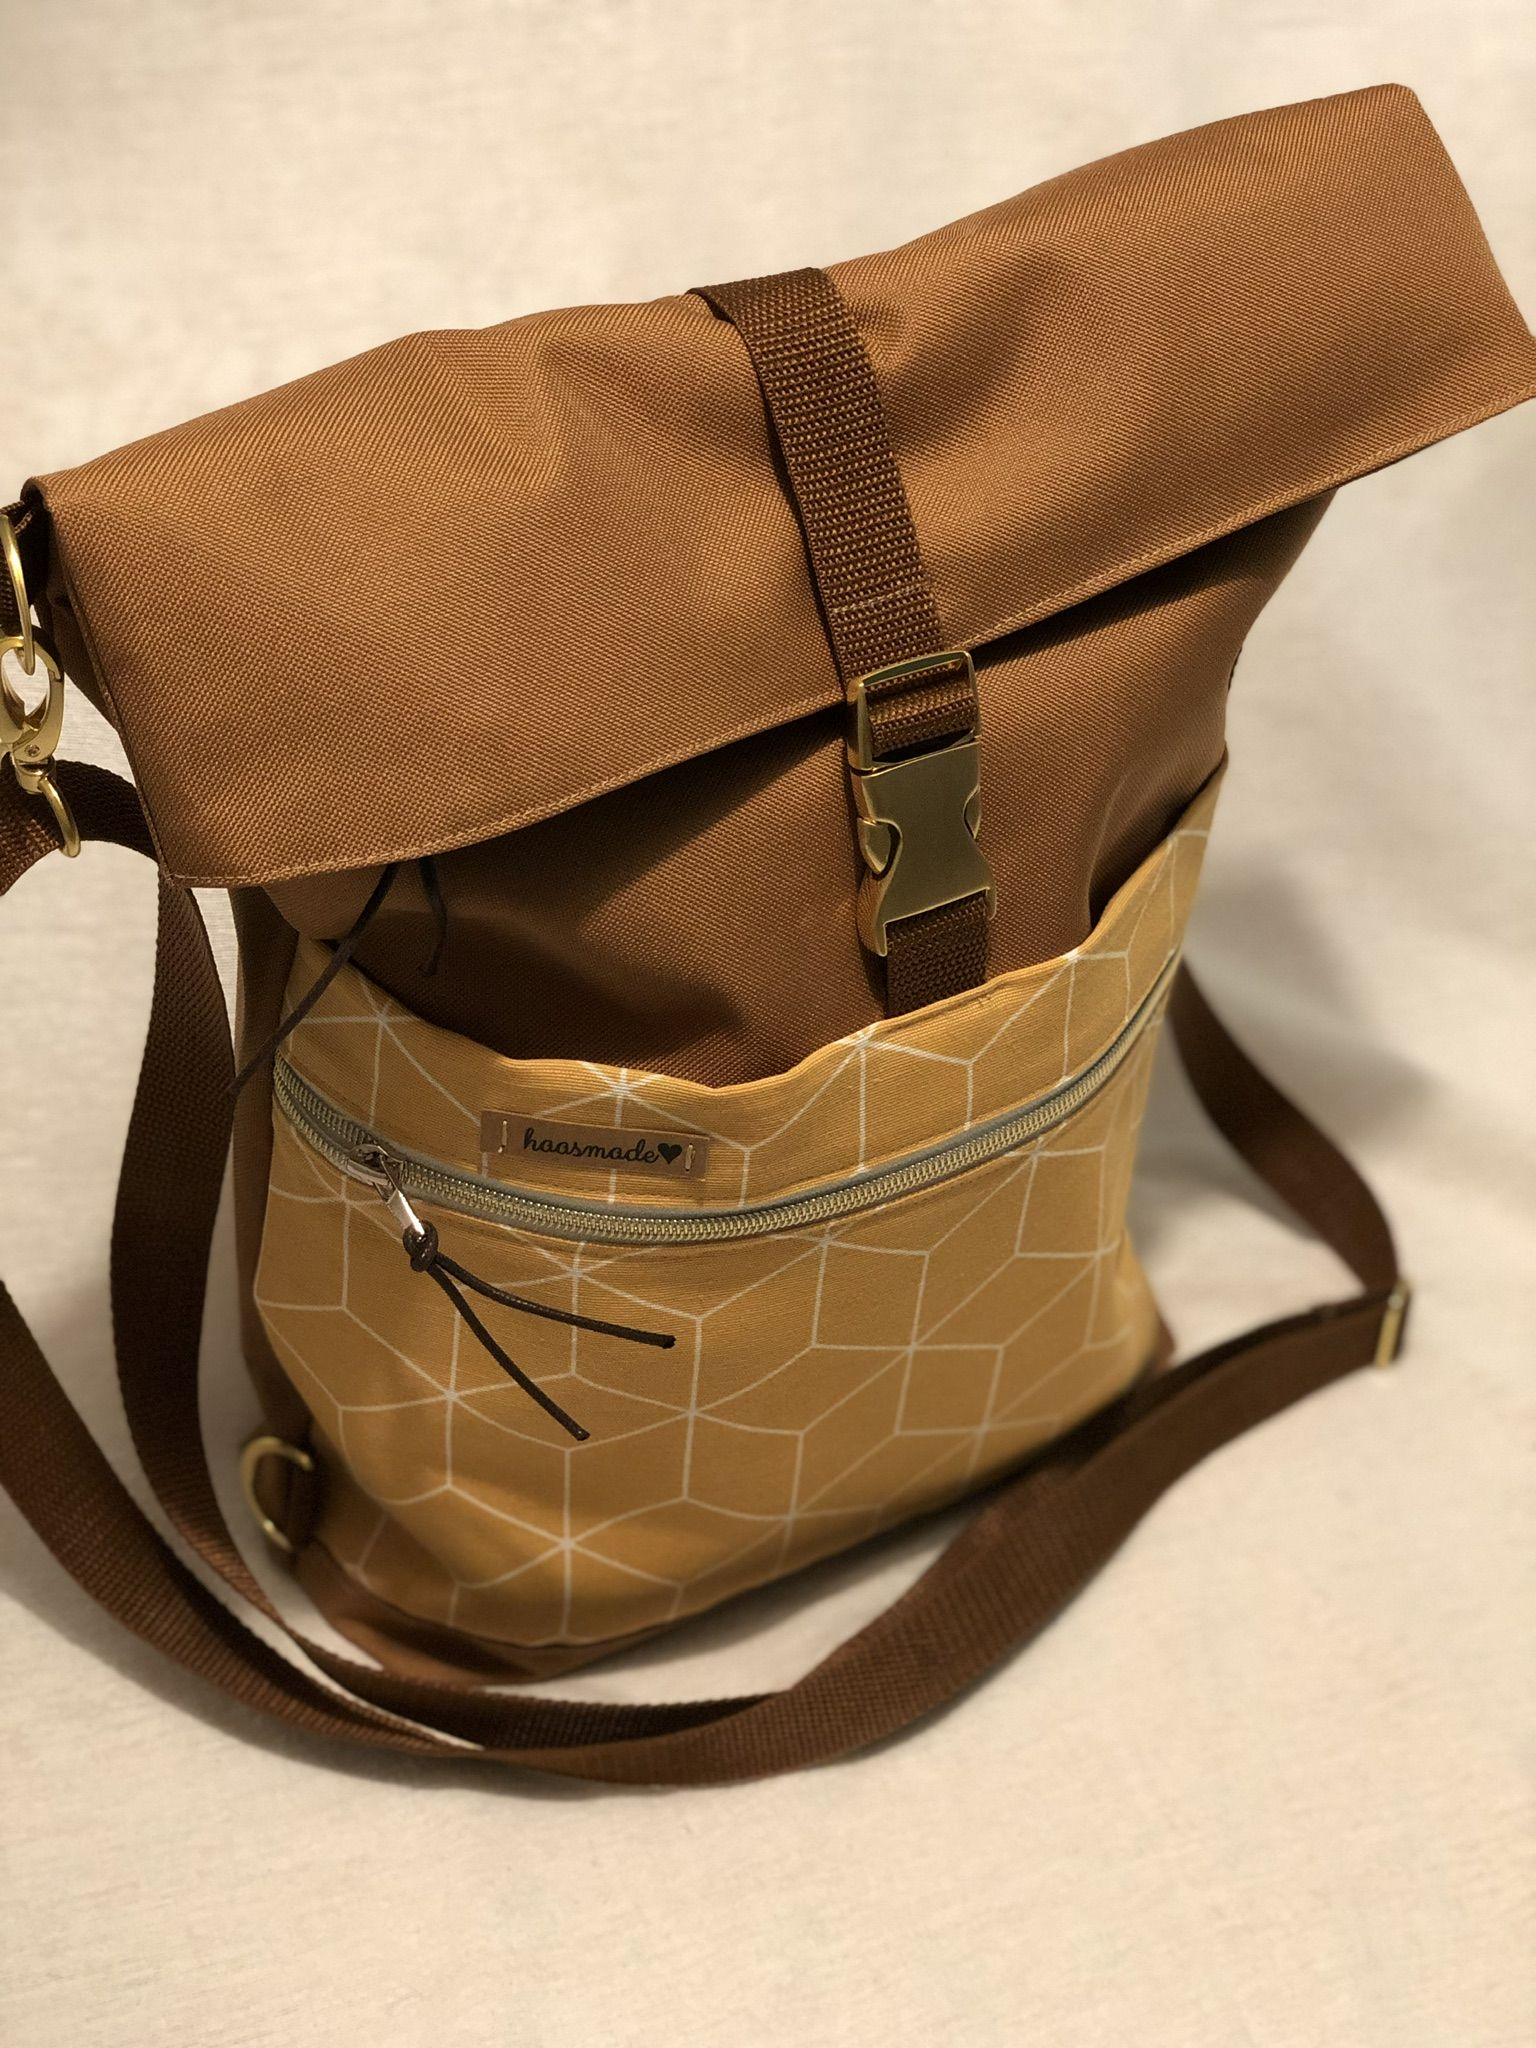 Kostenlose Anleitung und Schnittmuster für einen schicken Foldover, der sowohl als Umhängetasche, als auch als Rucksack getragen werden kann. Die 1one.bag